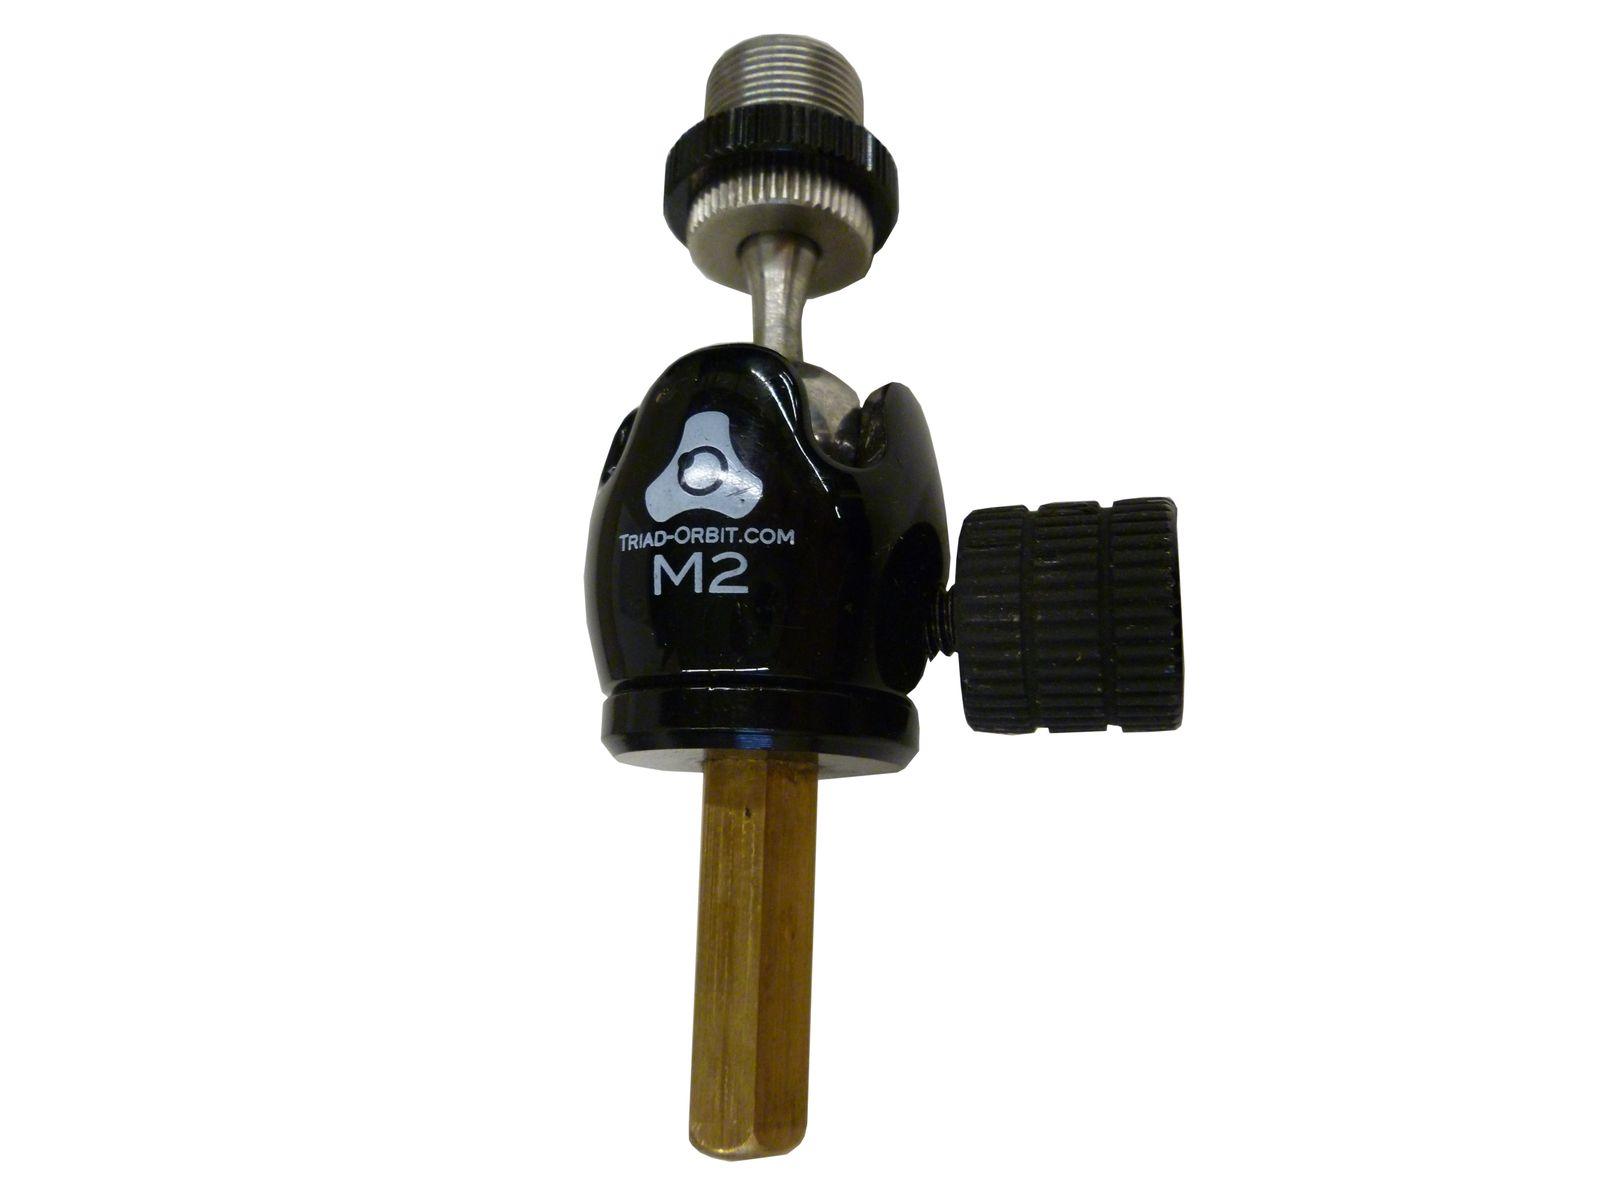 Triad-Orbit Micro M2 Orbital Mic Adapter